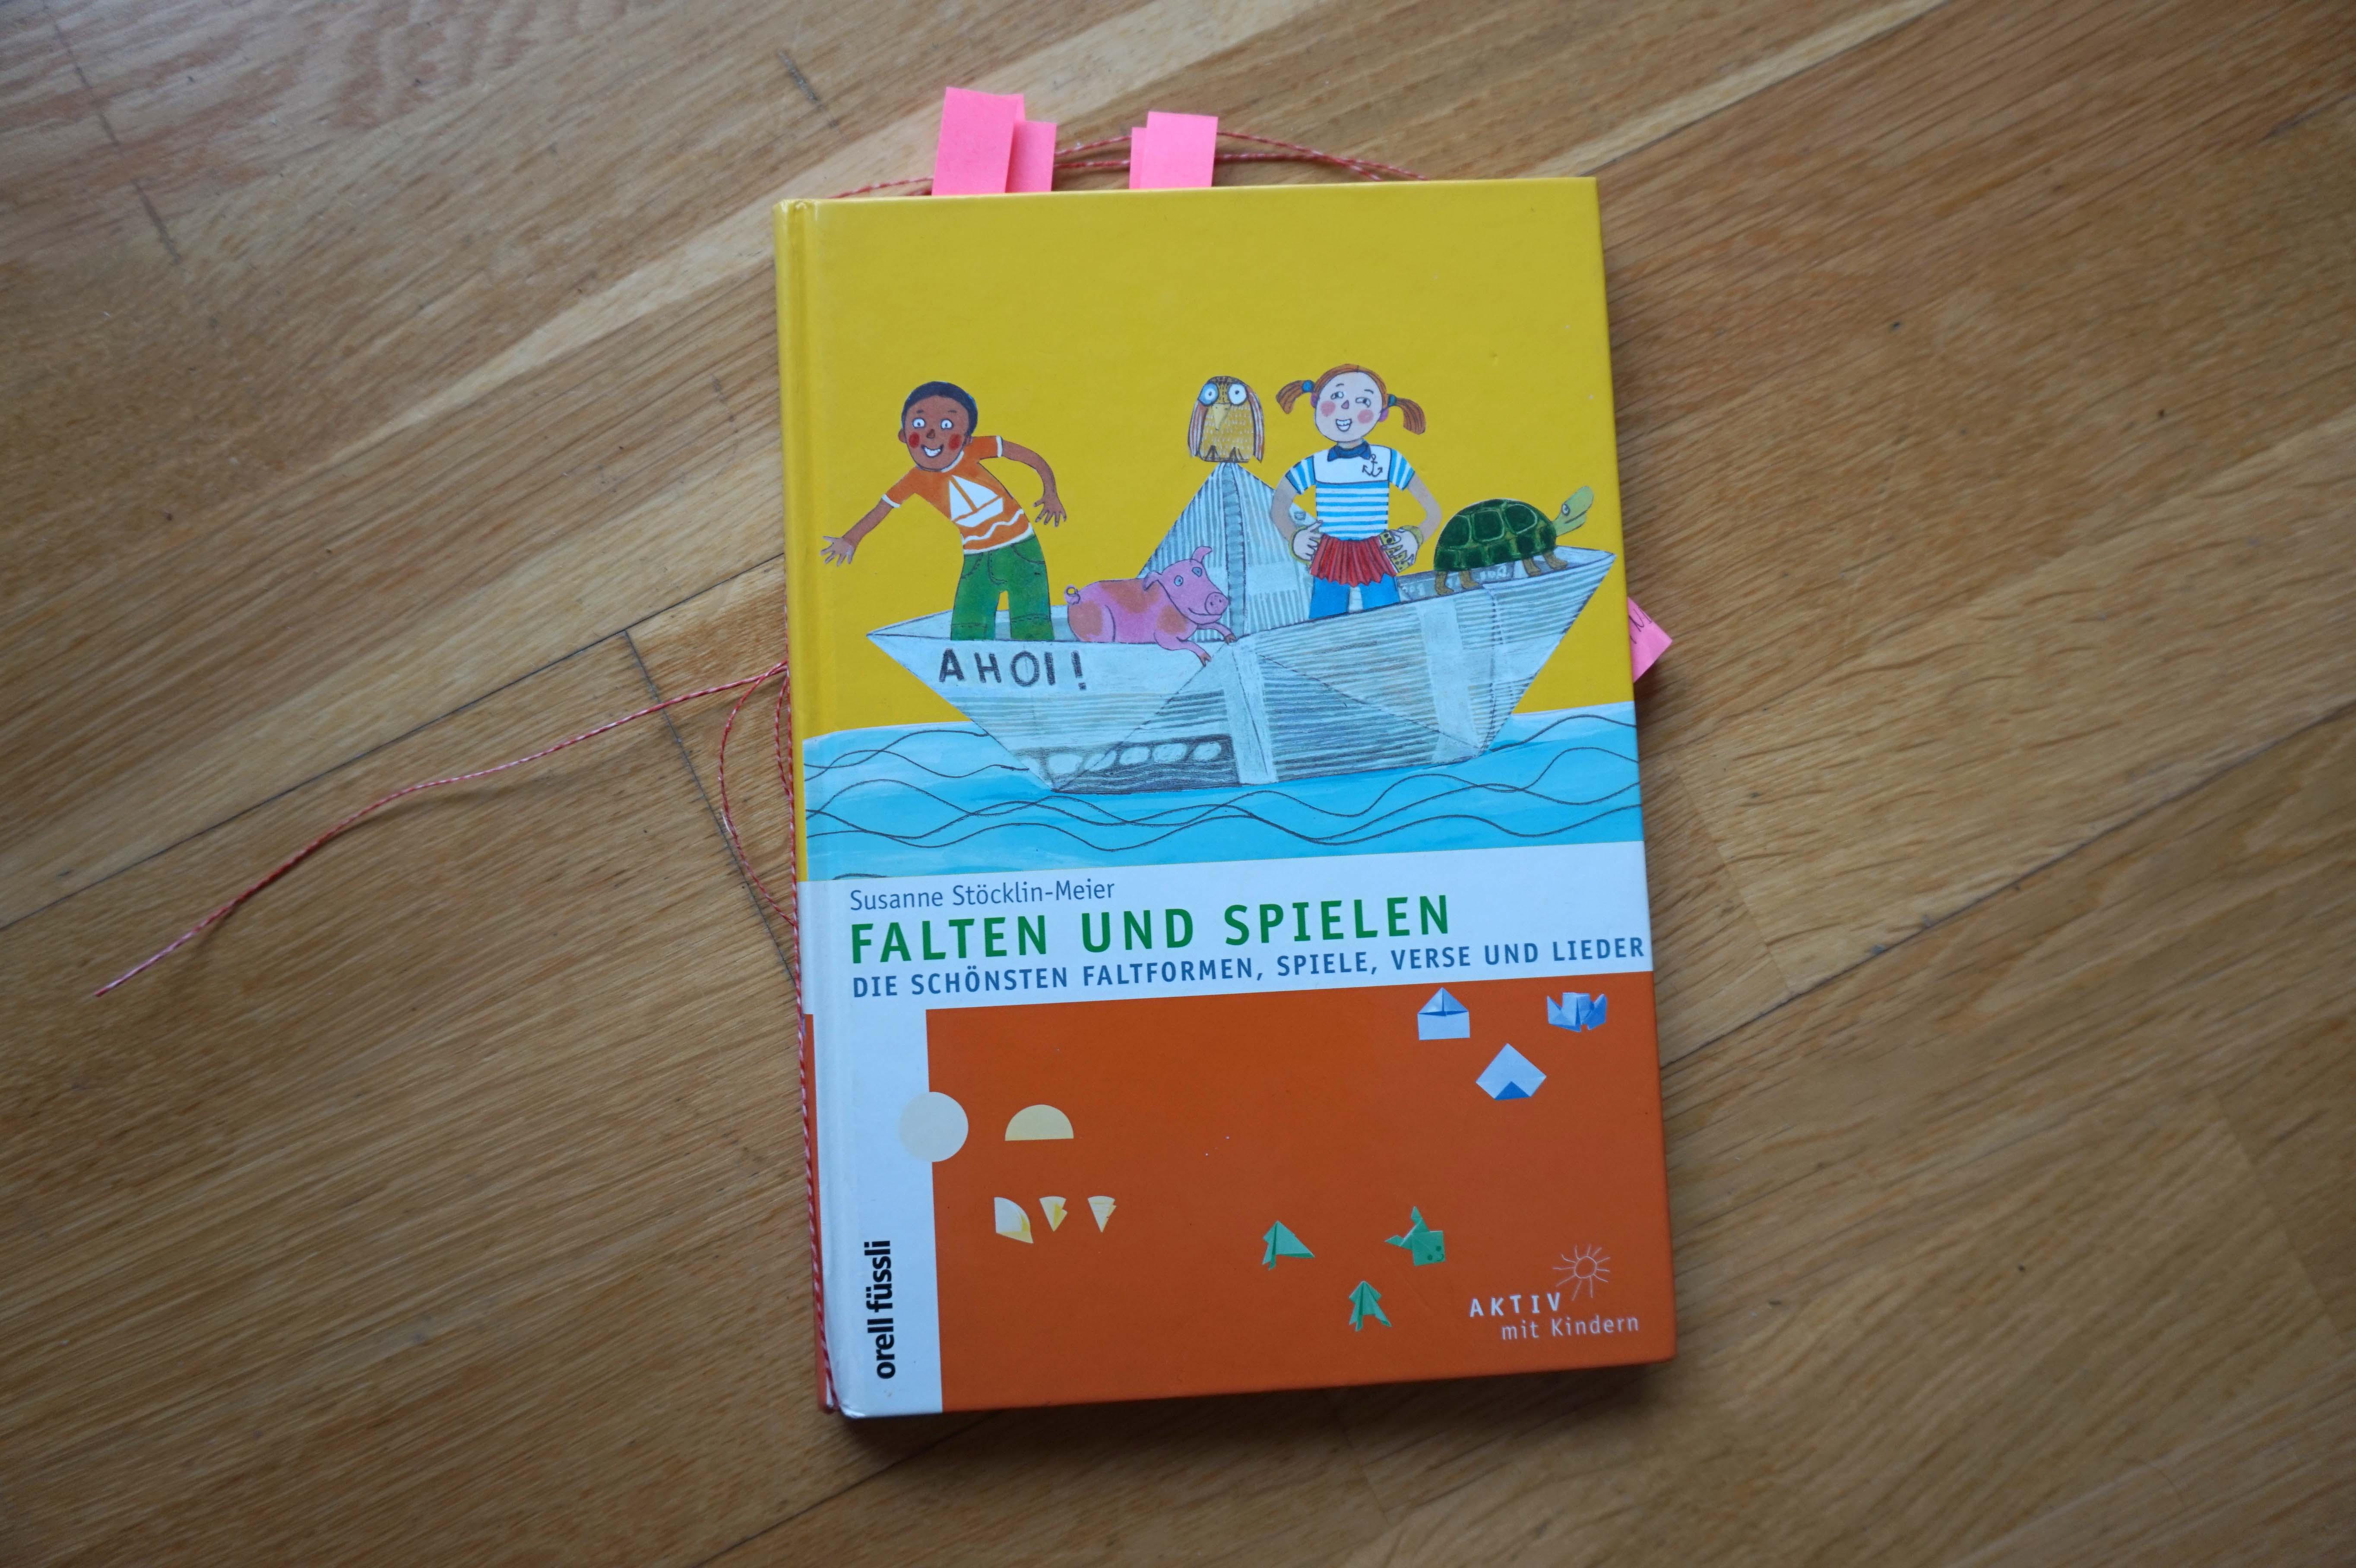 Falten und spielen| Die schönsten Faltformen, Spiele, Verse und Lieder Book Cover